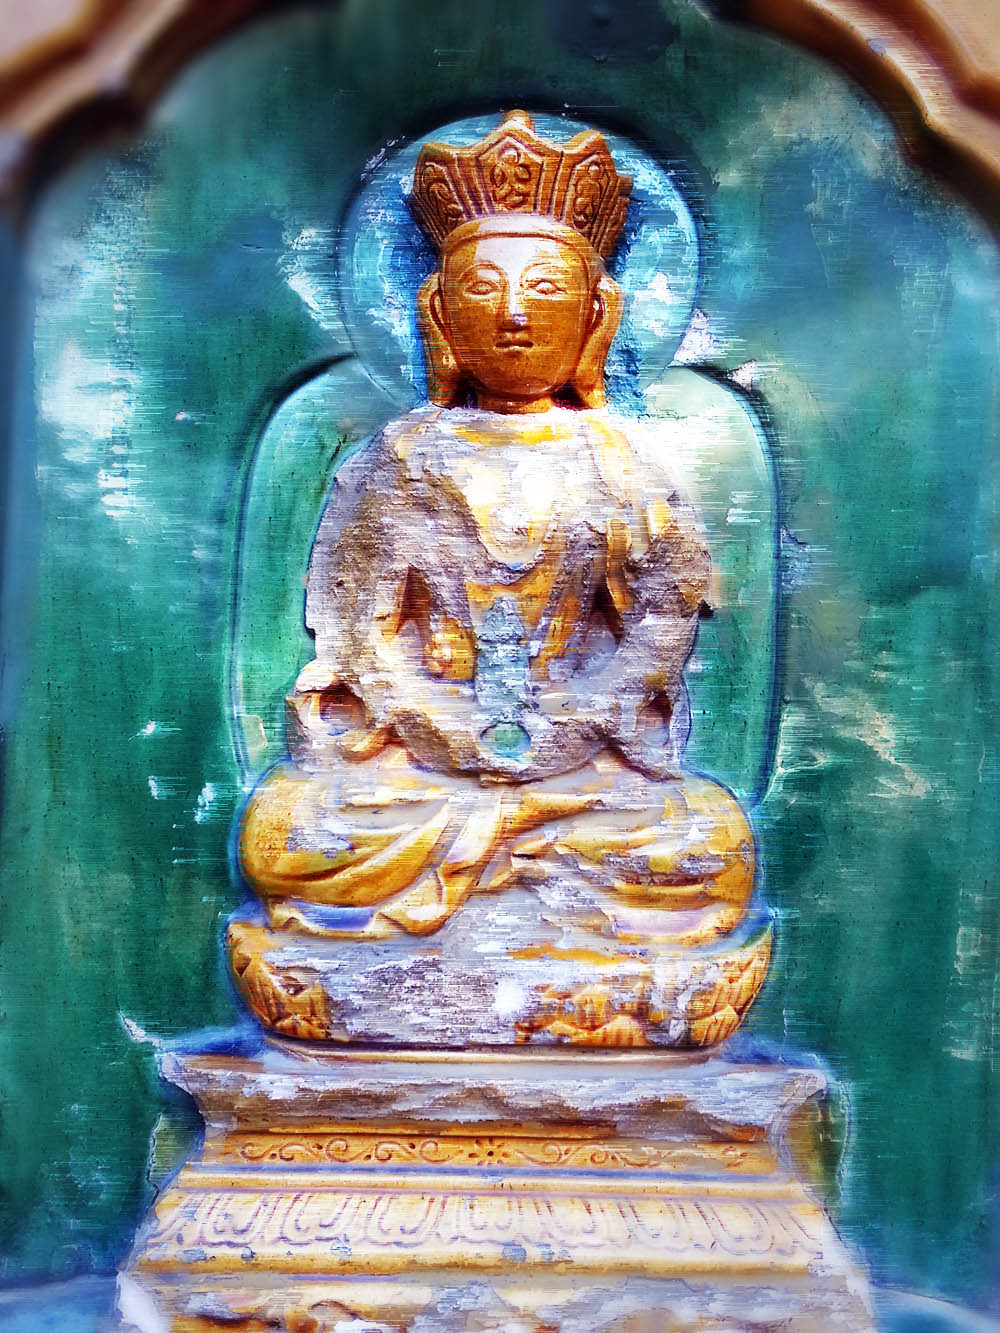 壁面に無数の仏像がおった。